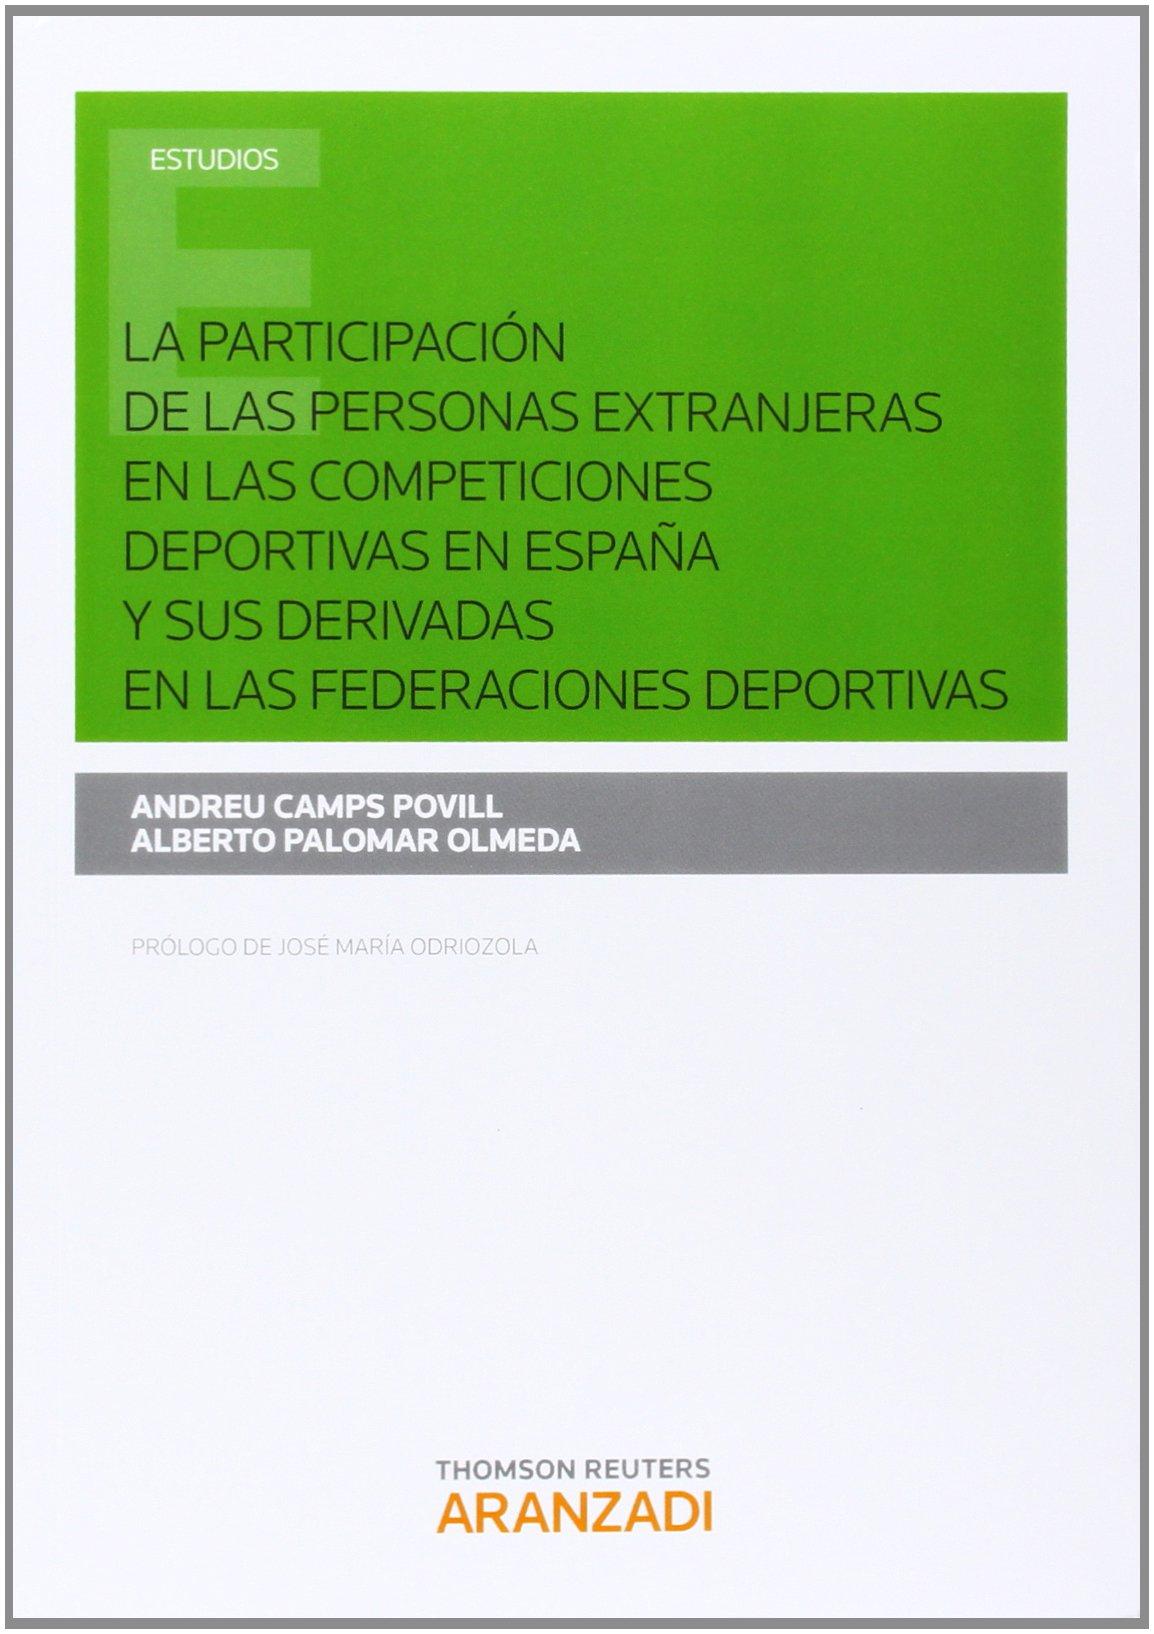 La participación de las personas extranjeras en las competiciones deportivas en España y sus derivadas en las federaciones deportivas Monografía: Amazon.es: Camps Povill, Andreu, Palomar Olmeda, Alberto: Libros